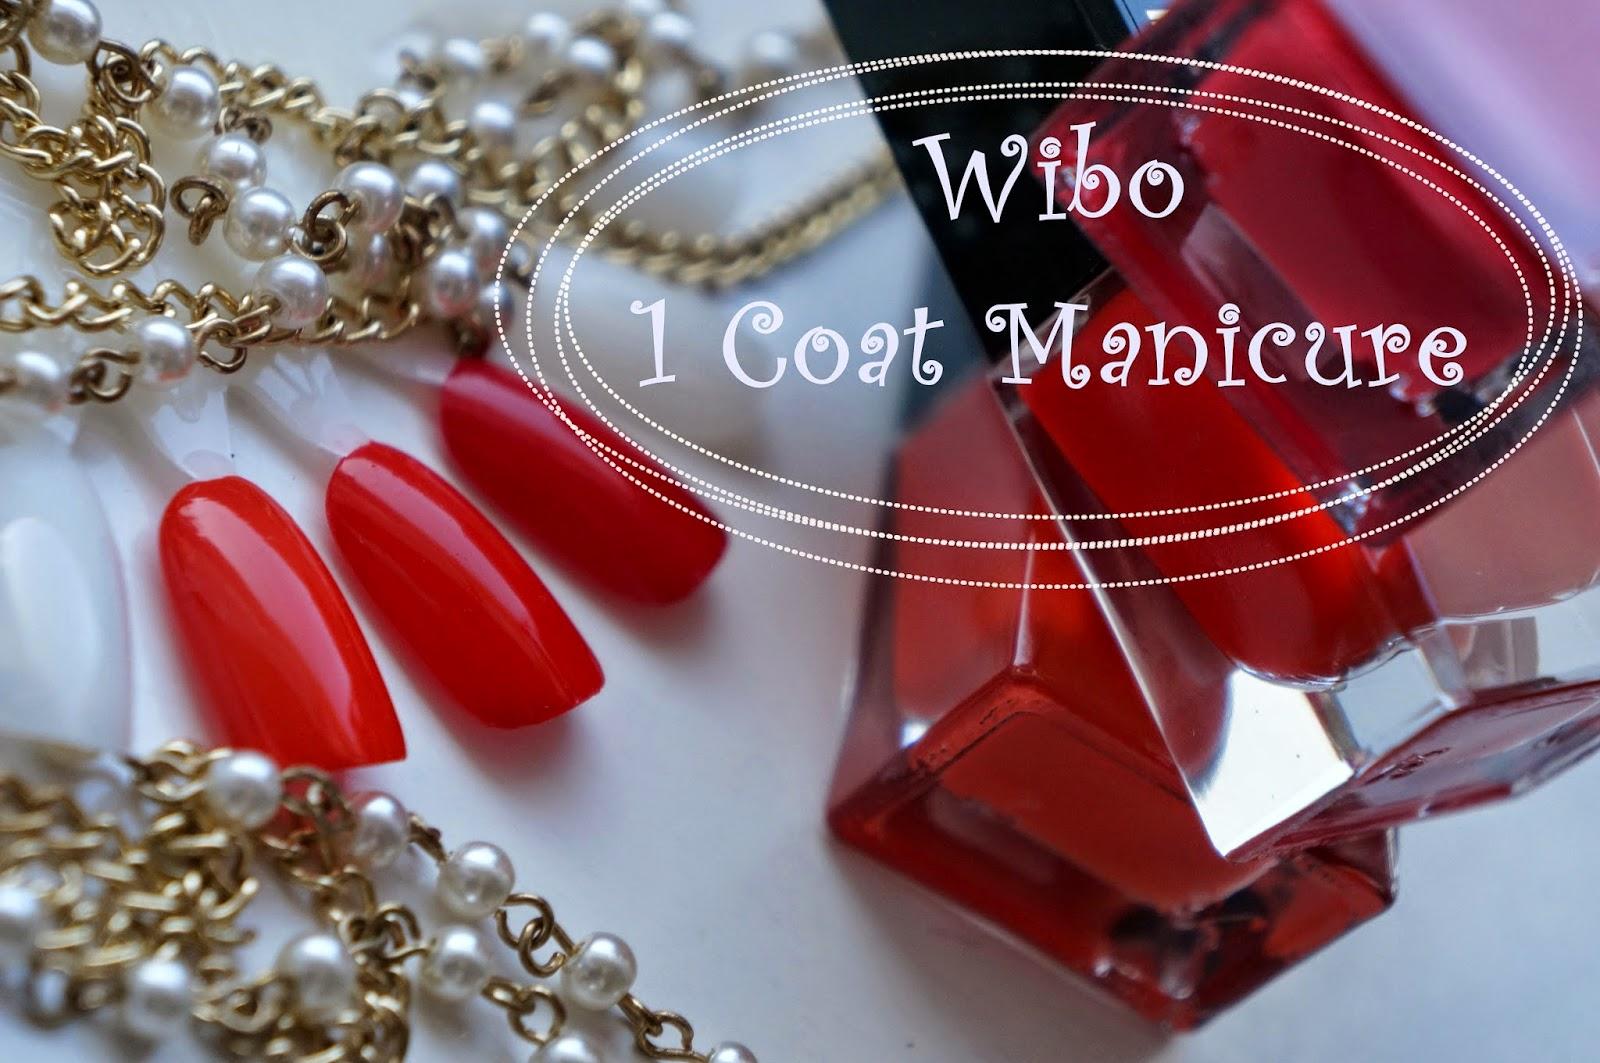 50 odcieni czerwieni... czyli Wibo 1 Coat Manicure nr 1, 3, 5